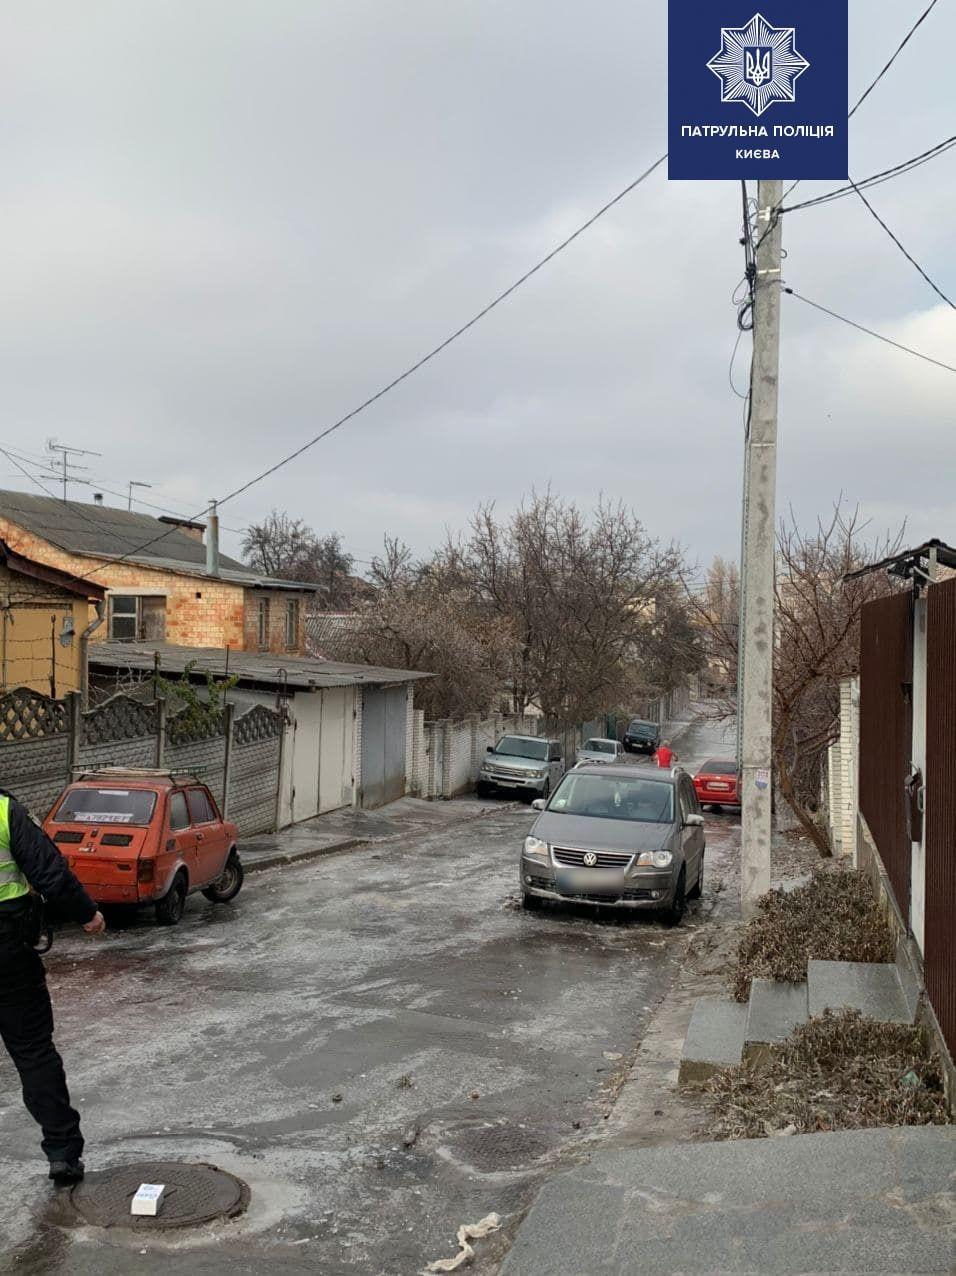 Ожеледиця у Києві спровокувала безліч ДТП (ФОТО і ВІДЕО)